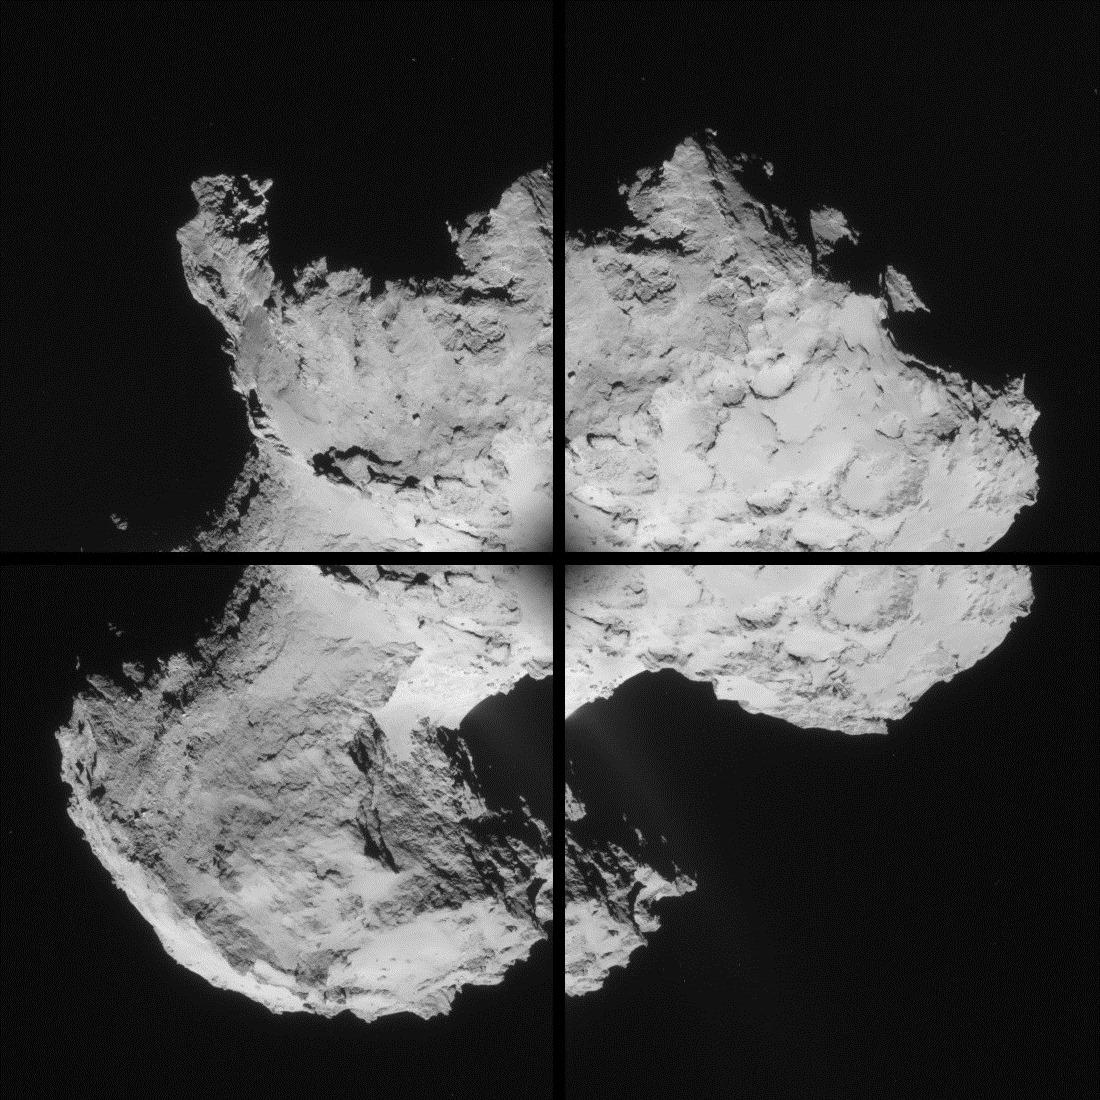 67P-Churyumov-Gerasimenko-Sept2014.jpg